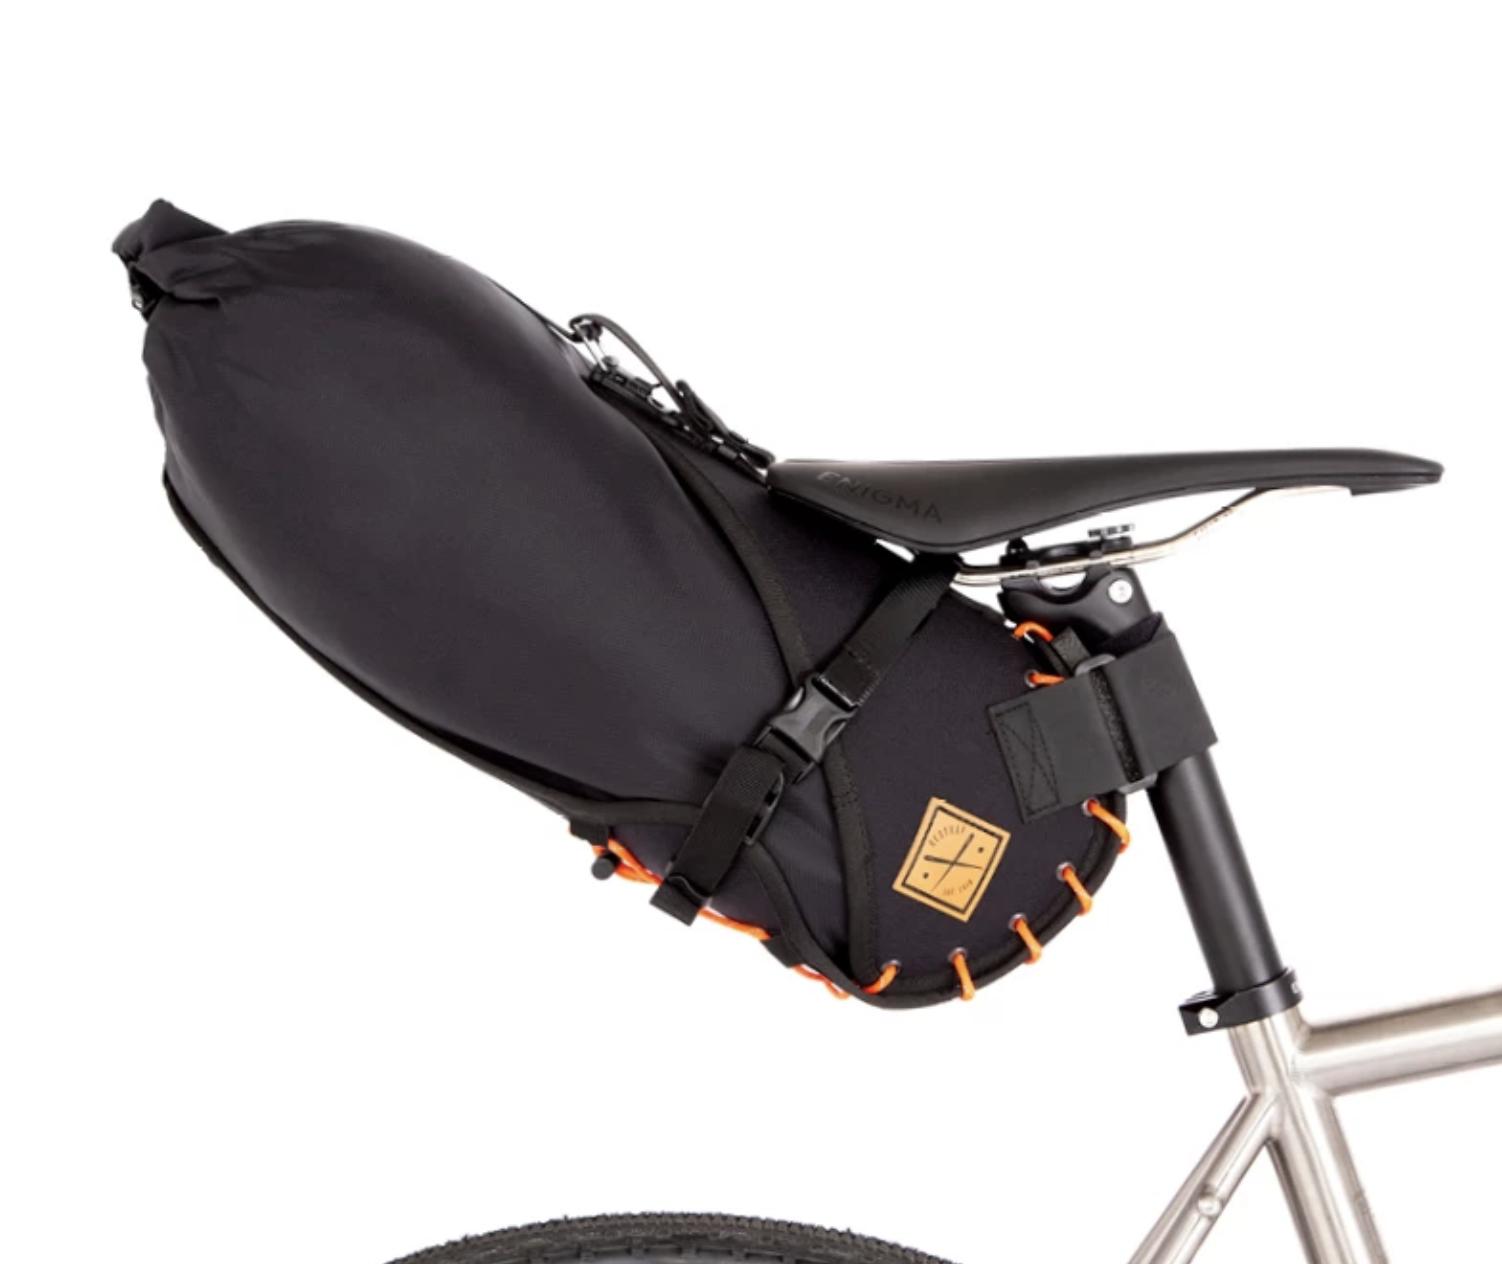 Sacoche RESTRAP Saddle bag Orange 8L + Dry bag